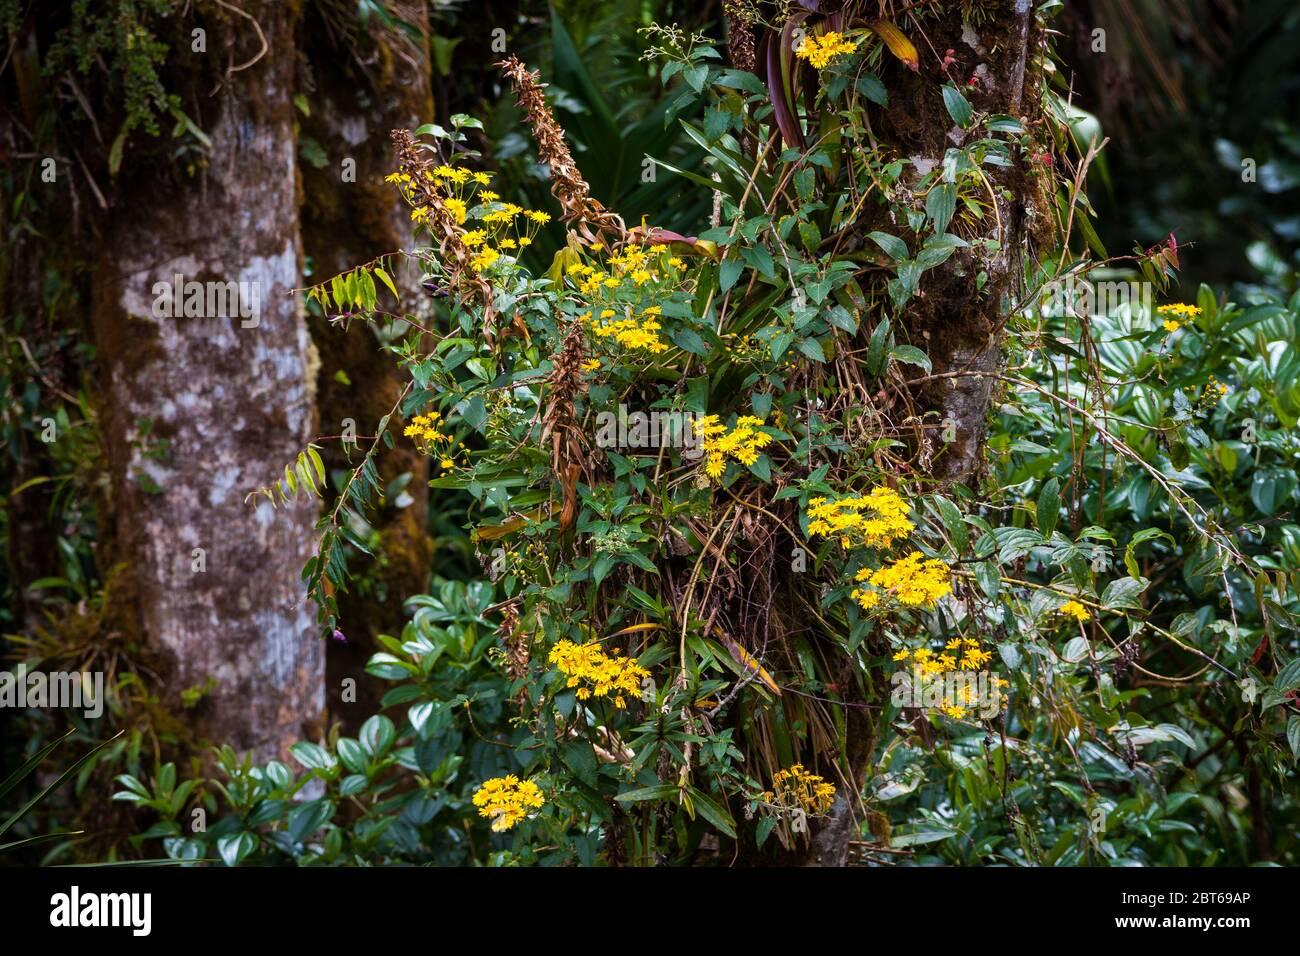 Belles fleurs jaunes dans la forêt tropicale luxuriante du parc national de la Amistad, province de Chiriqui, République du Panama Banque D'Images